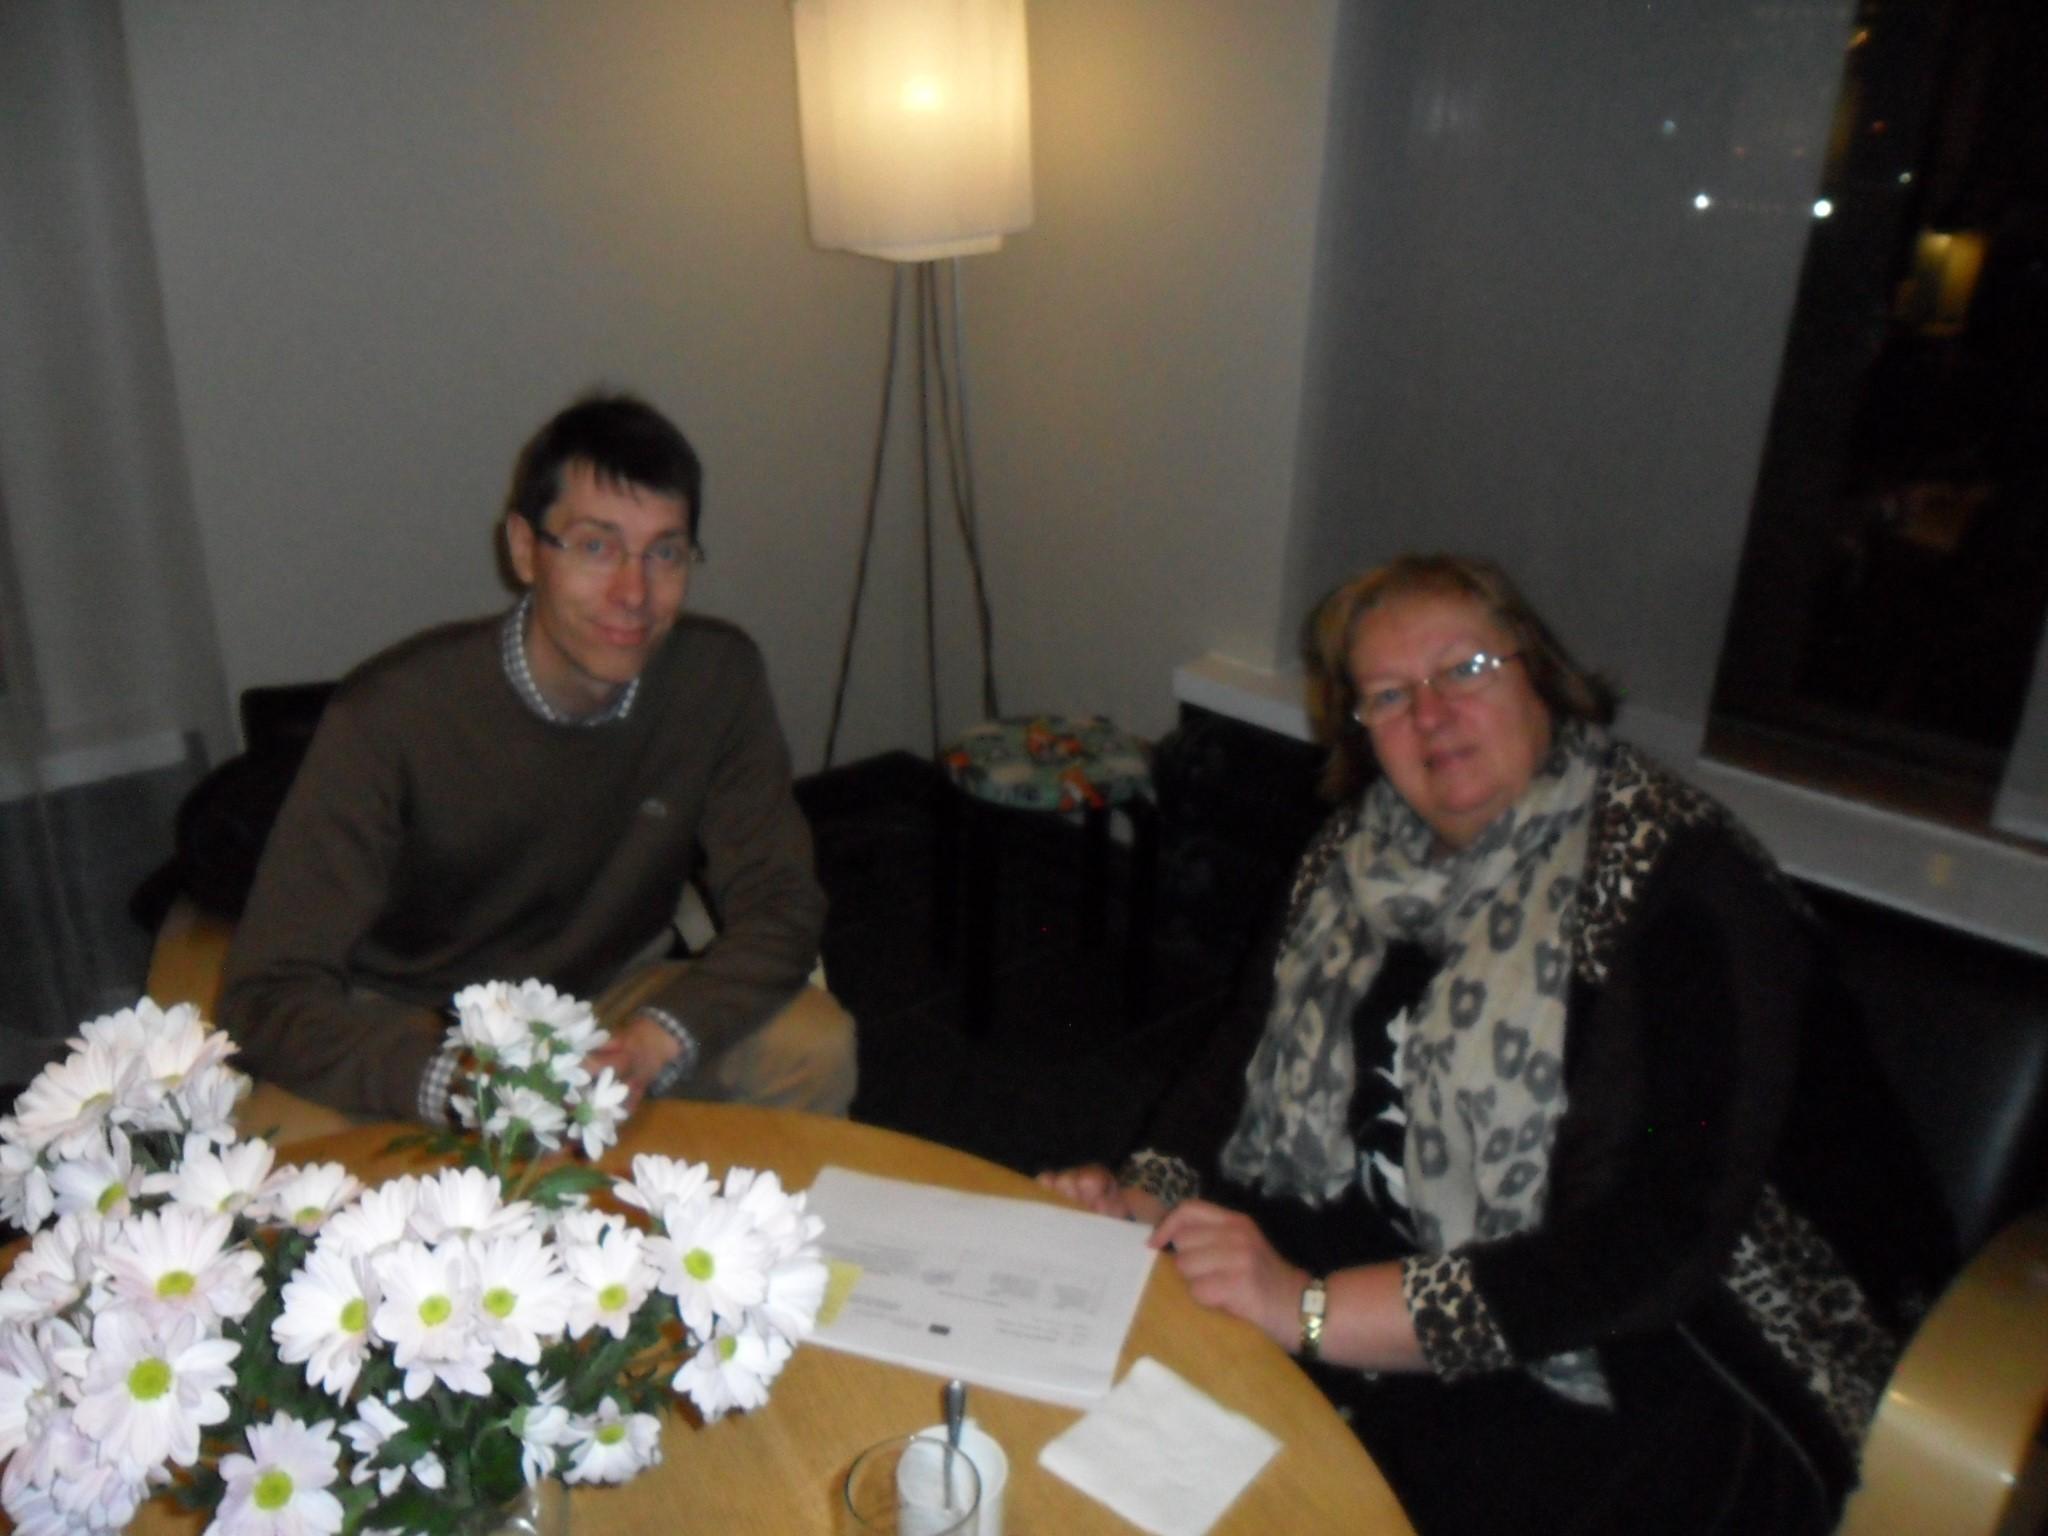 Projektijuht Jori Nordström ja koordinaator Ene Kalmus nõu pidamas järjekordse ühisürituse eel detsembris 2013.a Helsingis